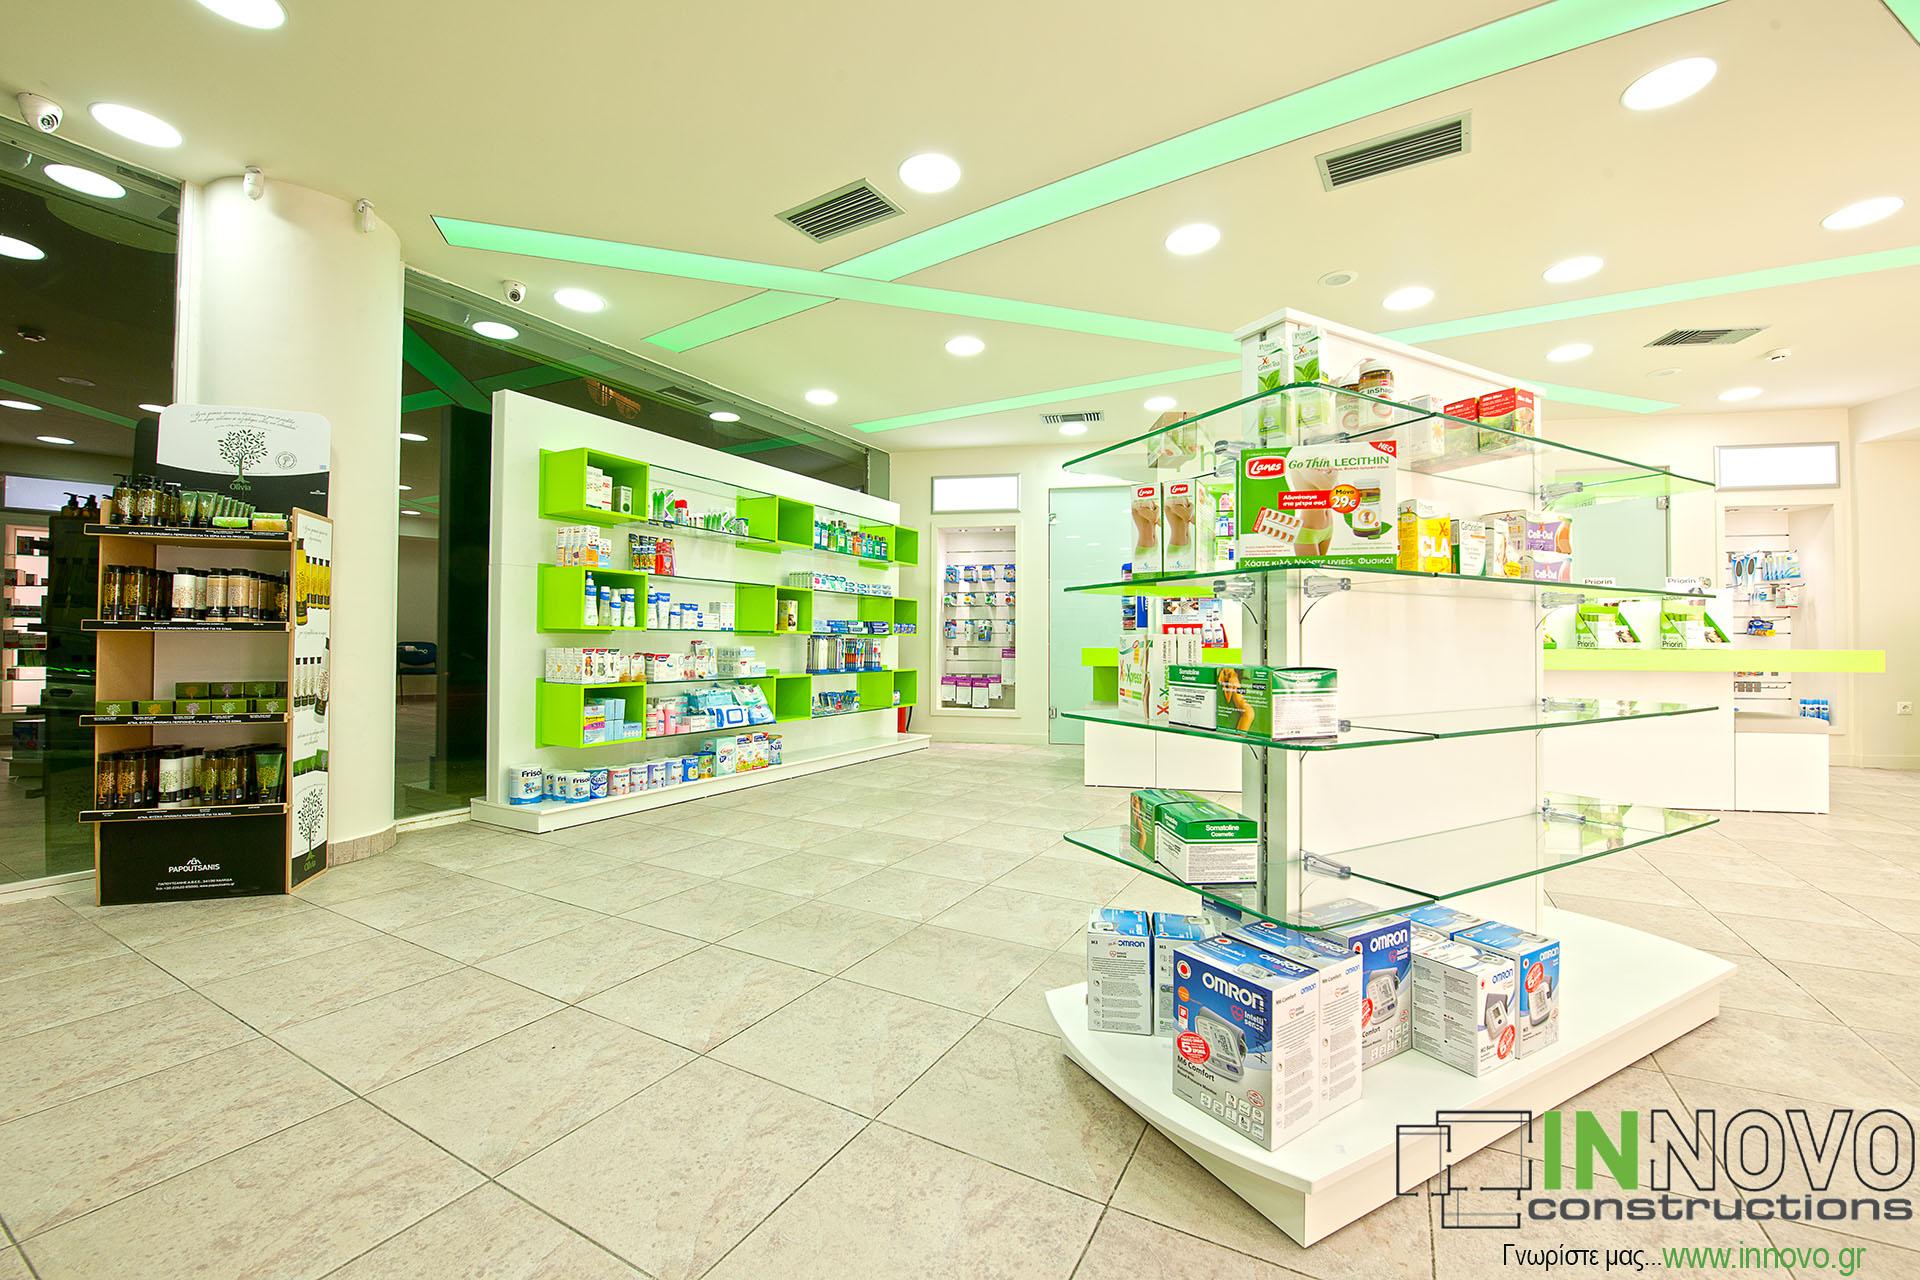 Ανακαινίσεις φαρμακείου Πέραμα